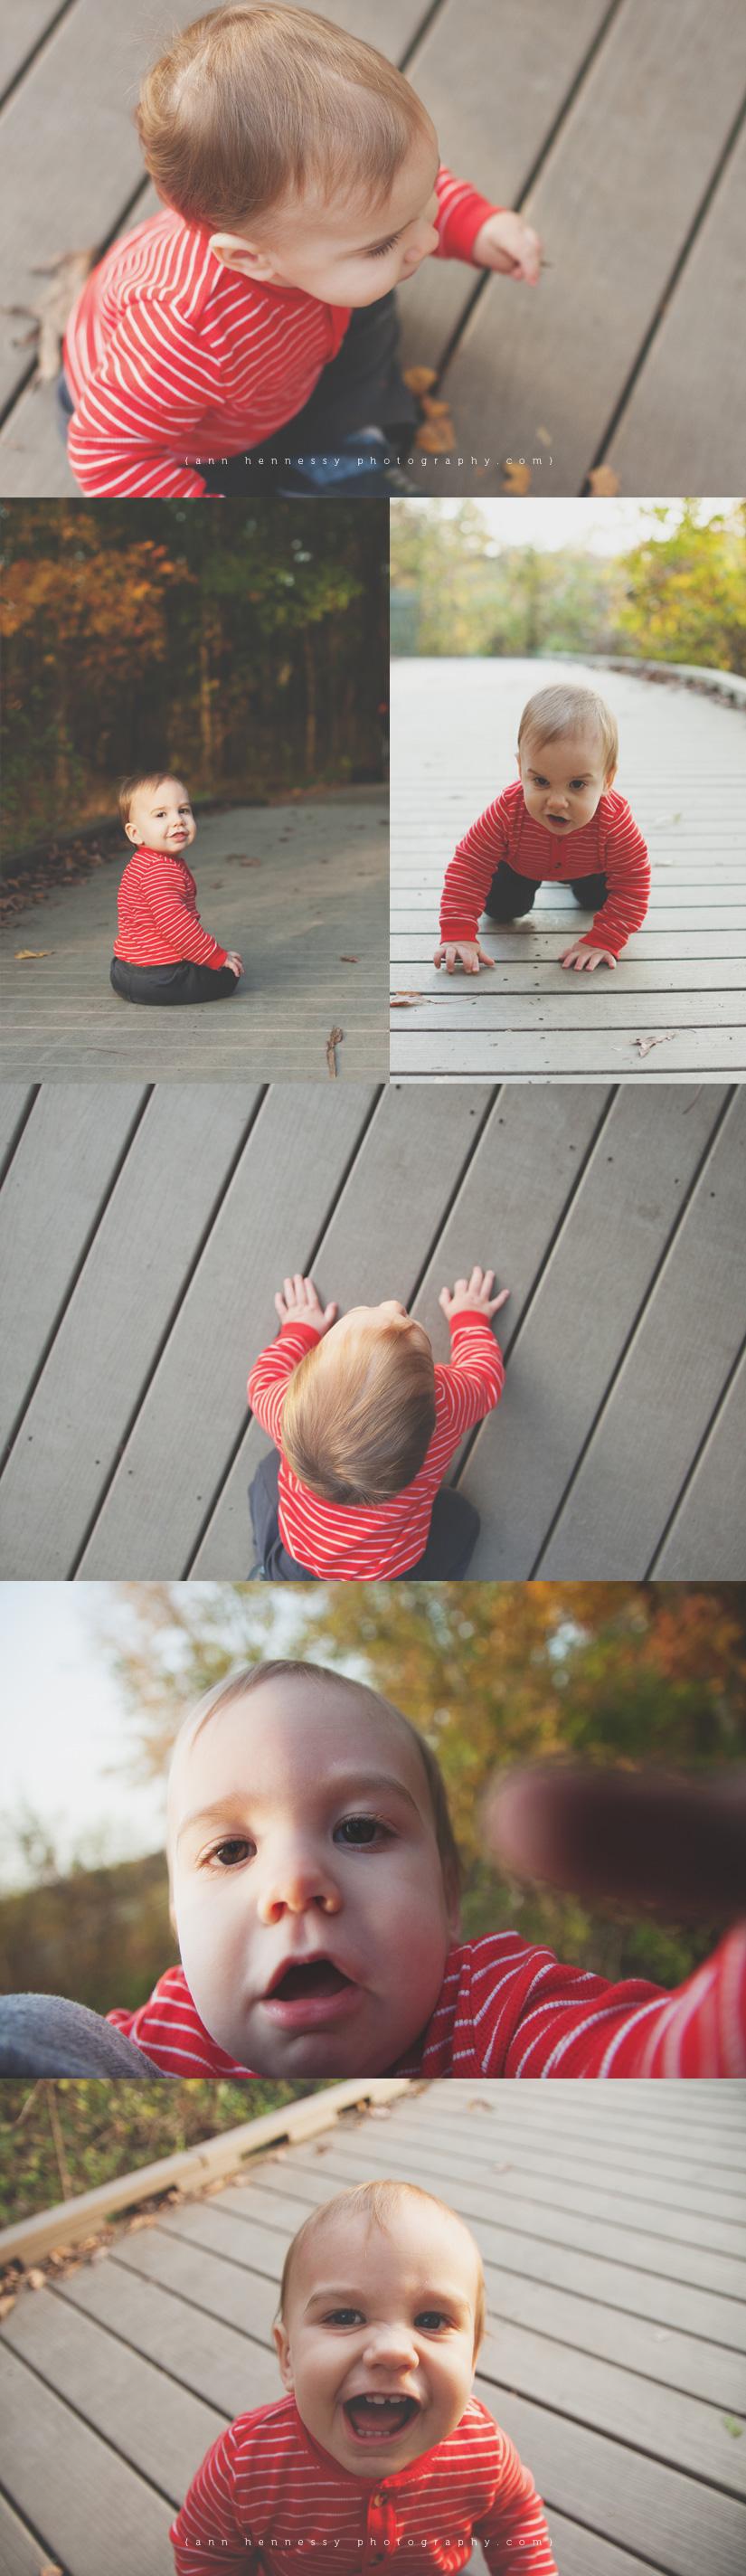 Finn_Halloween-1.jpg